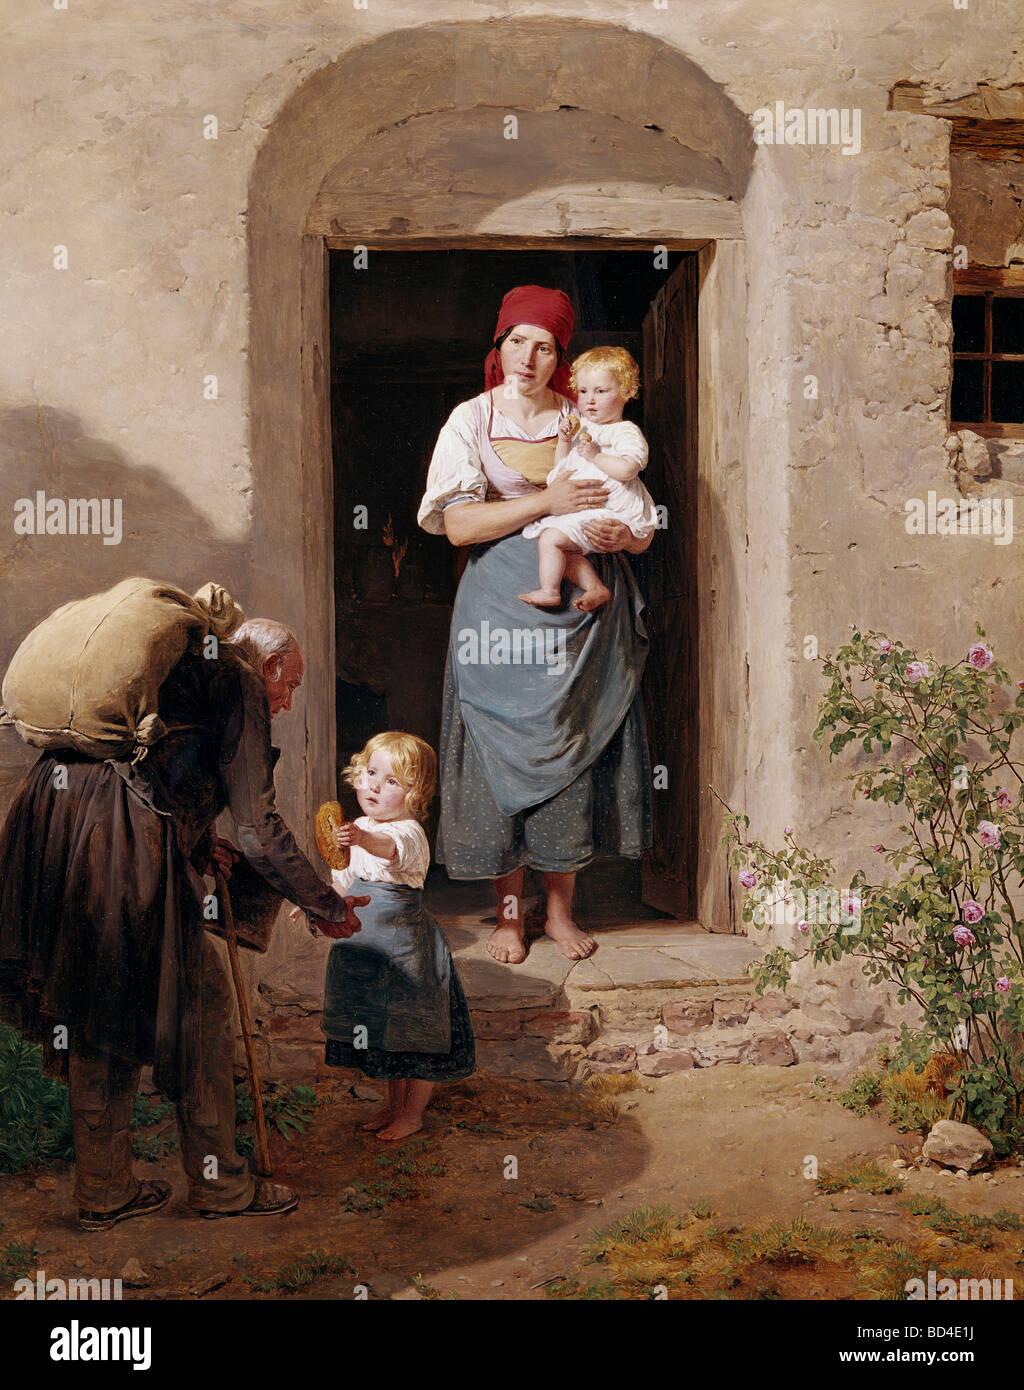 fine arts, Waldmueller, Ferdinand Georg (1793 - 1865), painting, 'Der Bettler' (The Beggar), von der Heydt - Stock Image